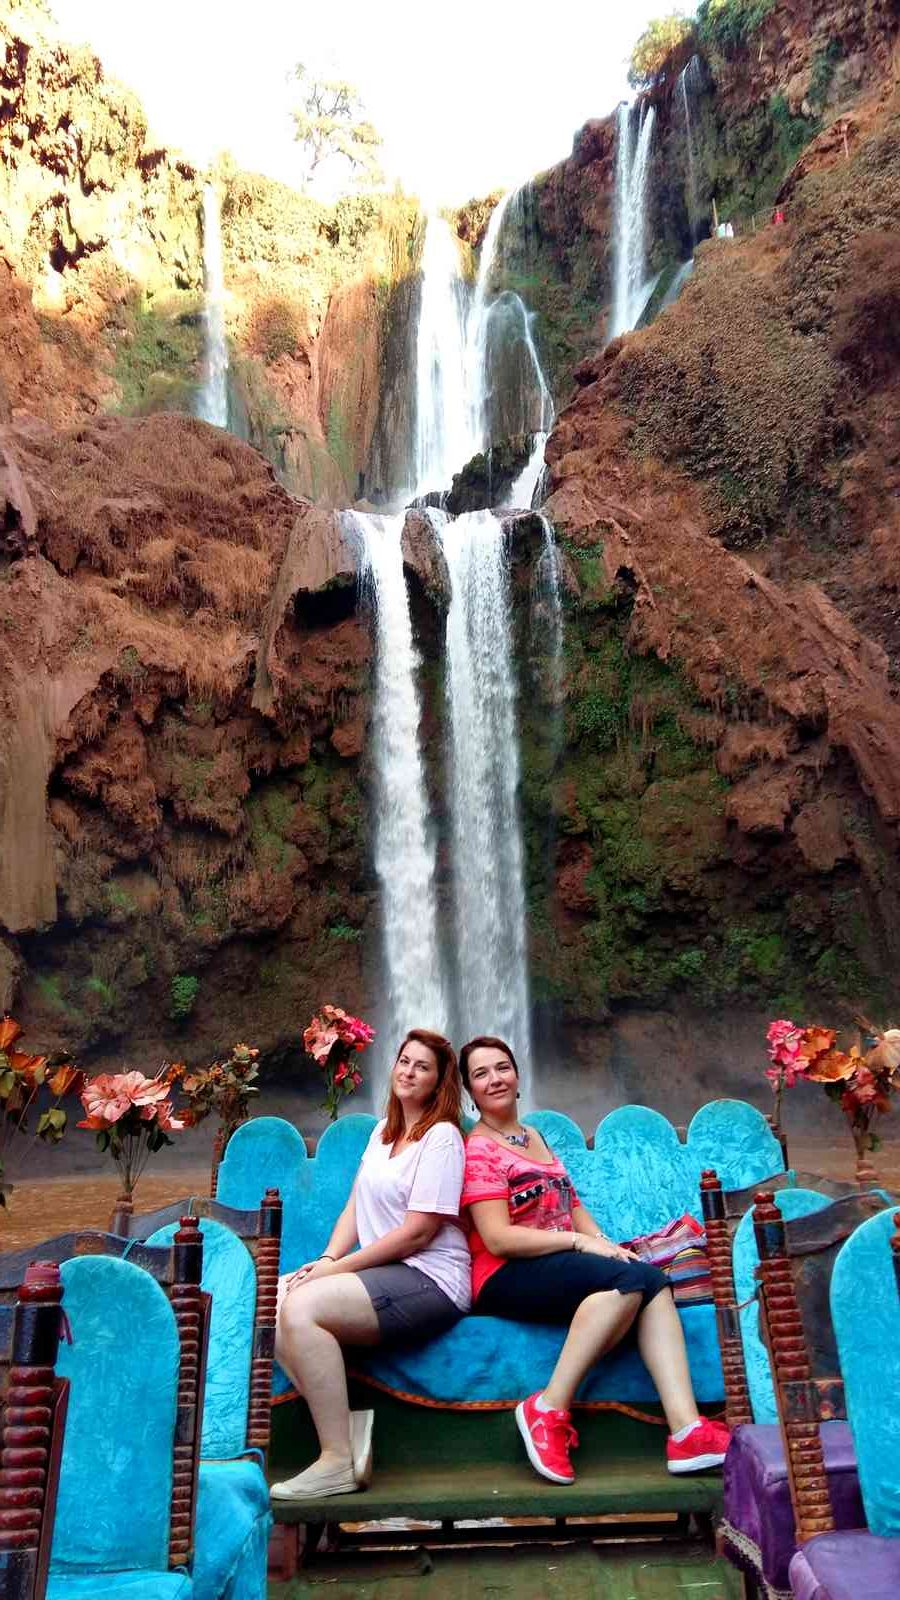 Maroc - Tour en radeau aux cascades d'Ouzoud